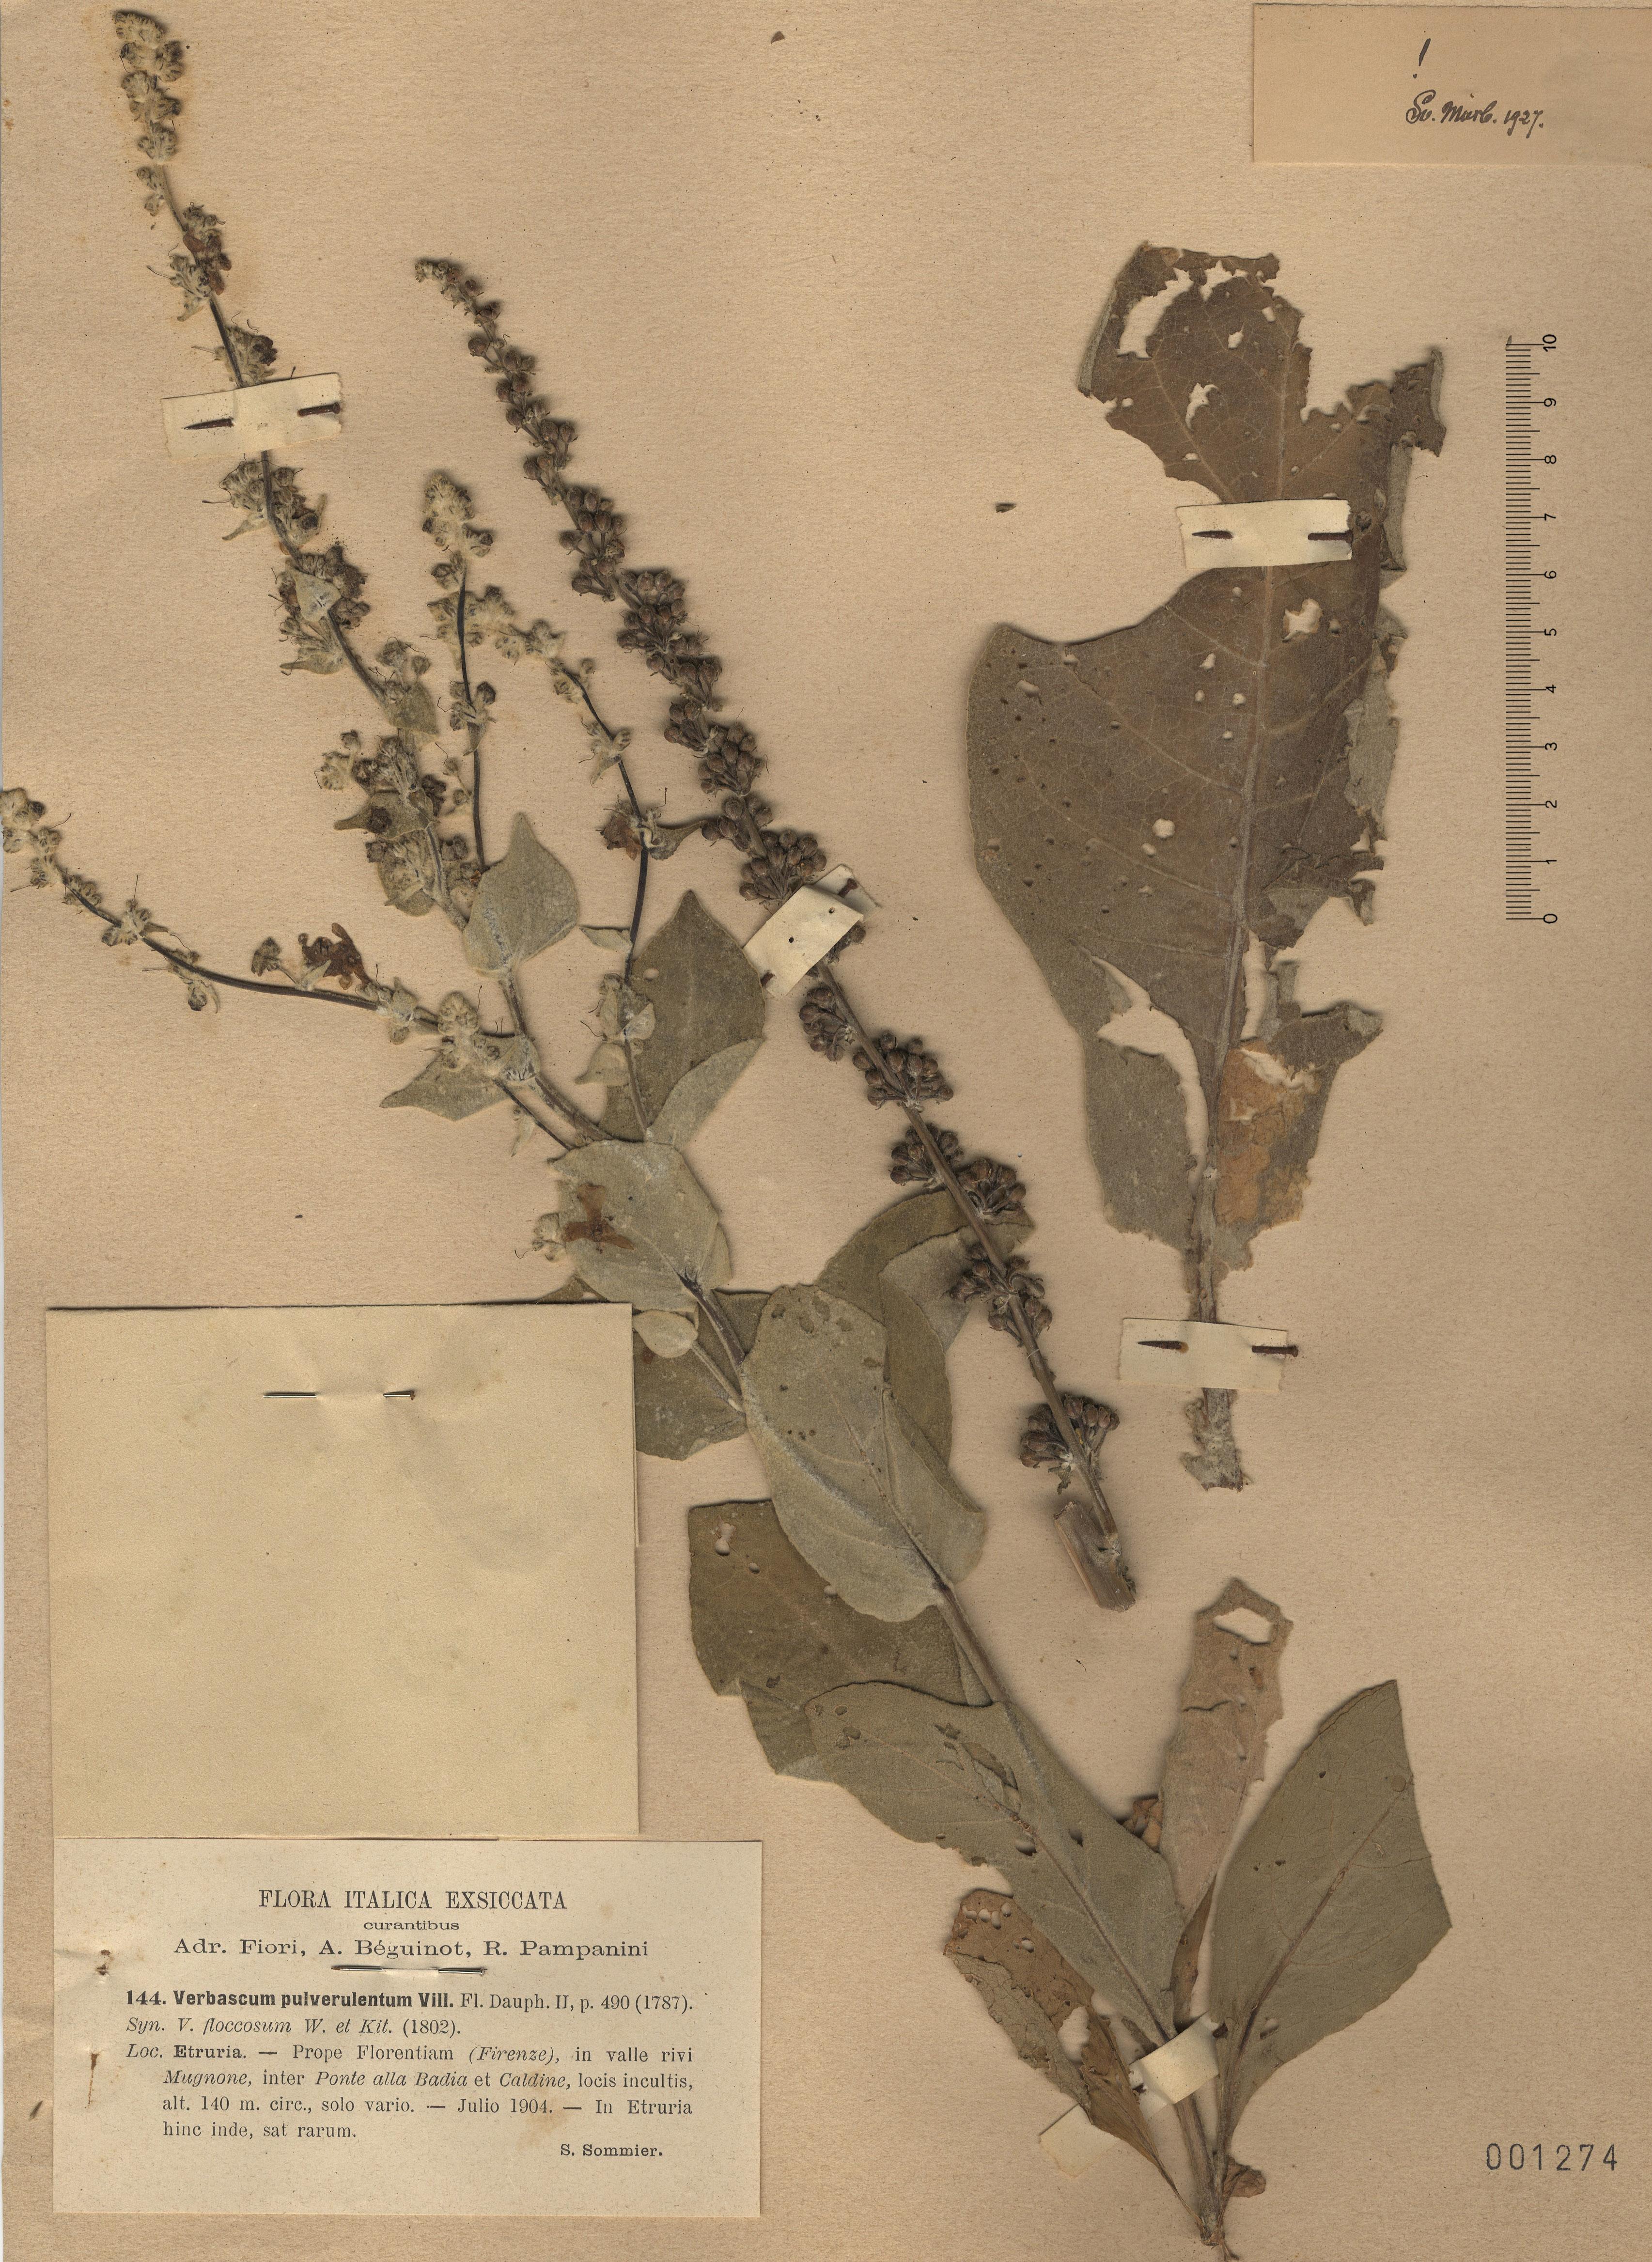 © Hortus Botanicus Catinensis - Herb. sheet 001274<br>